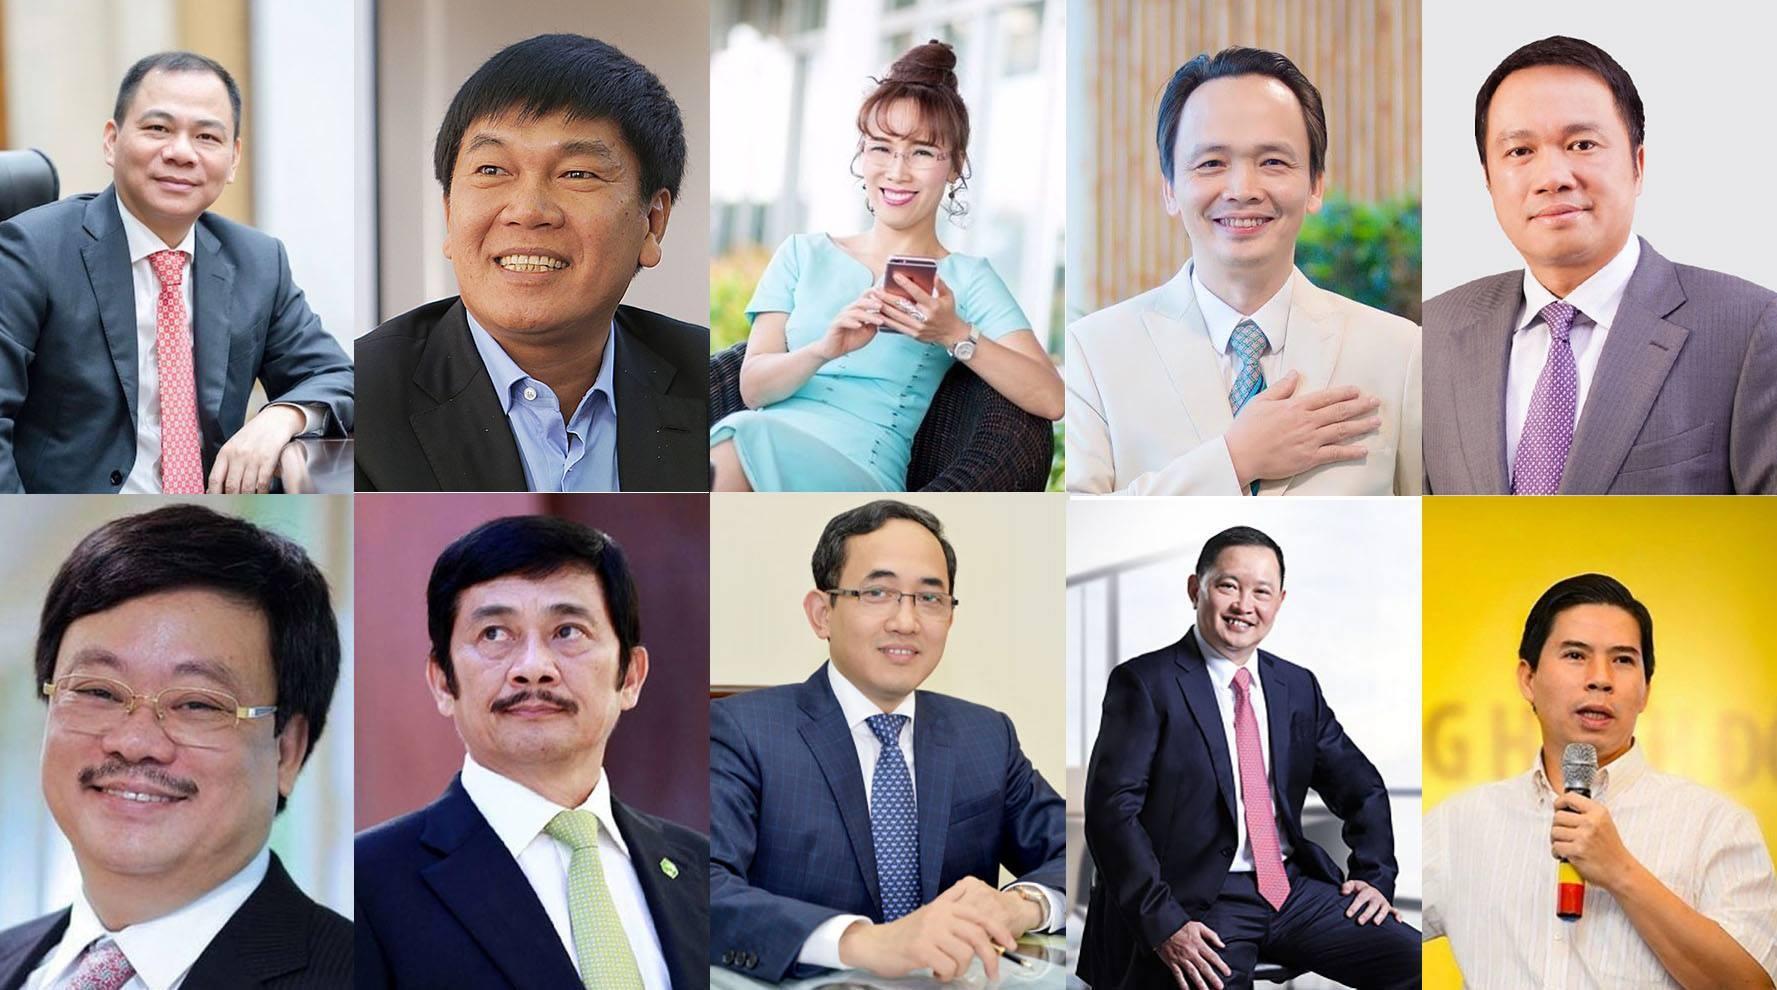 10 doanh nhân dẫn đầu thị trường chứng khoán Việt Nam 2020